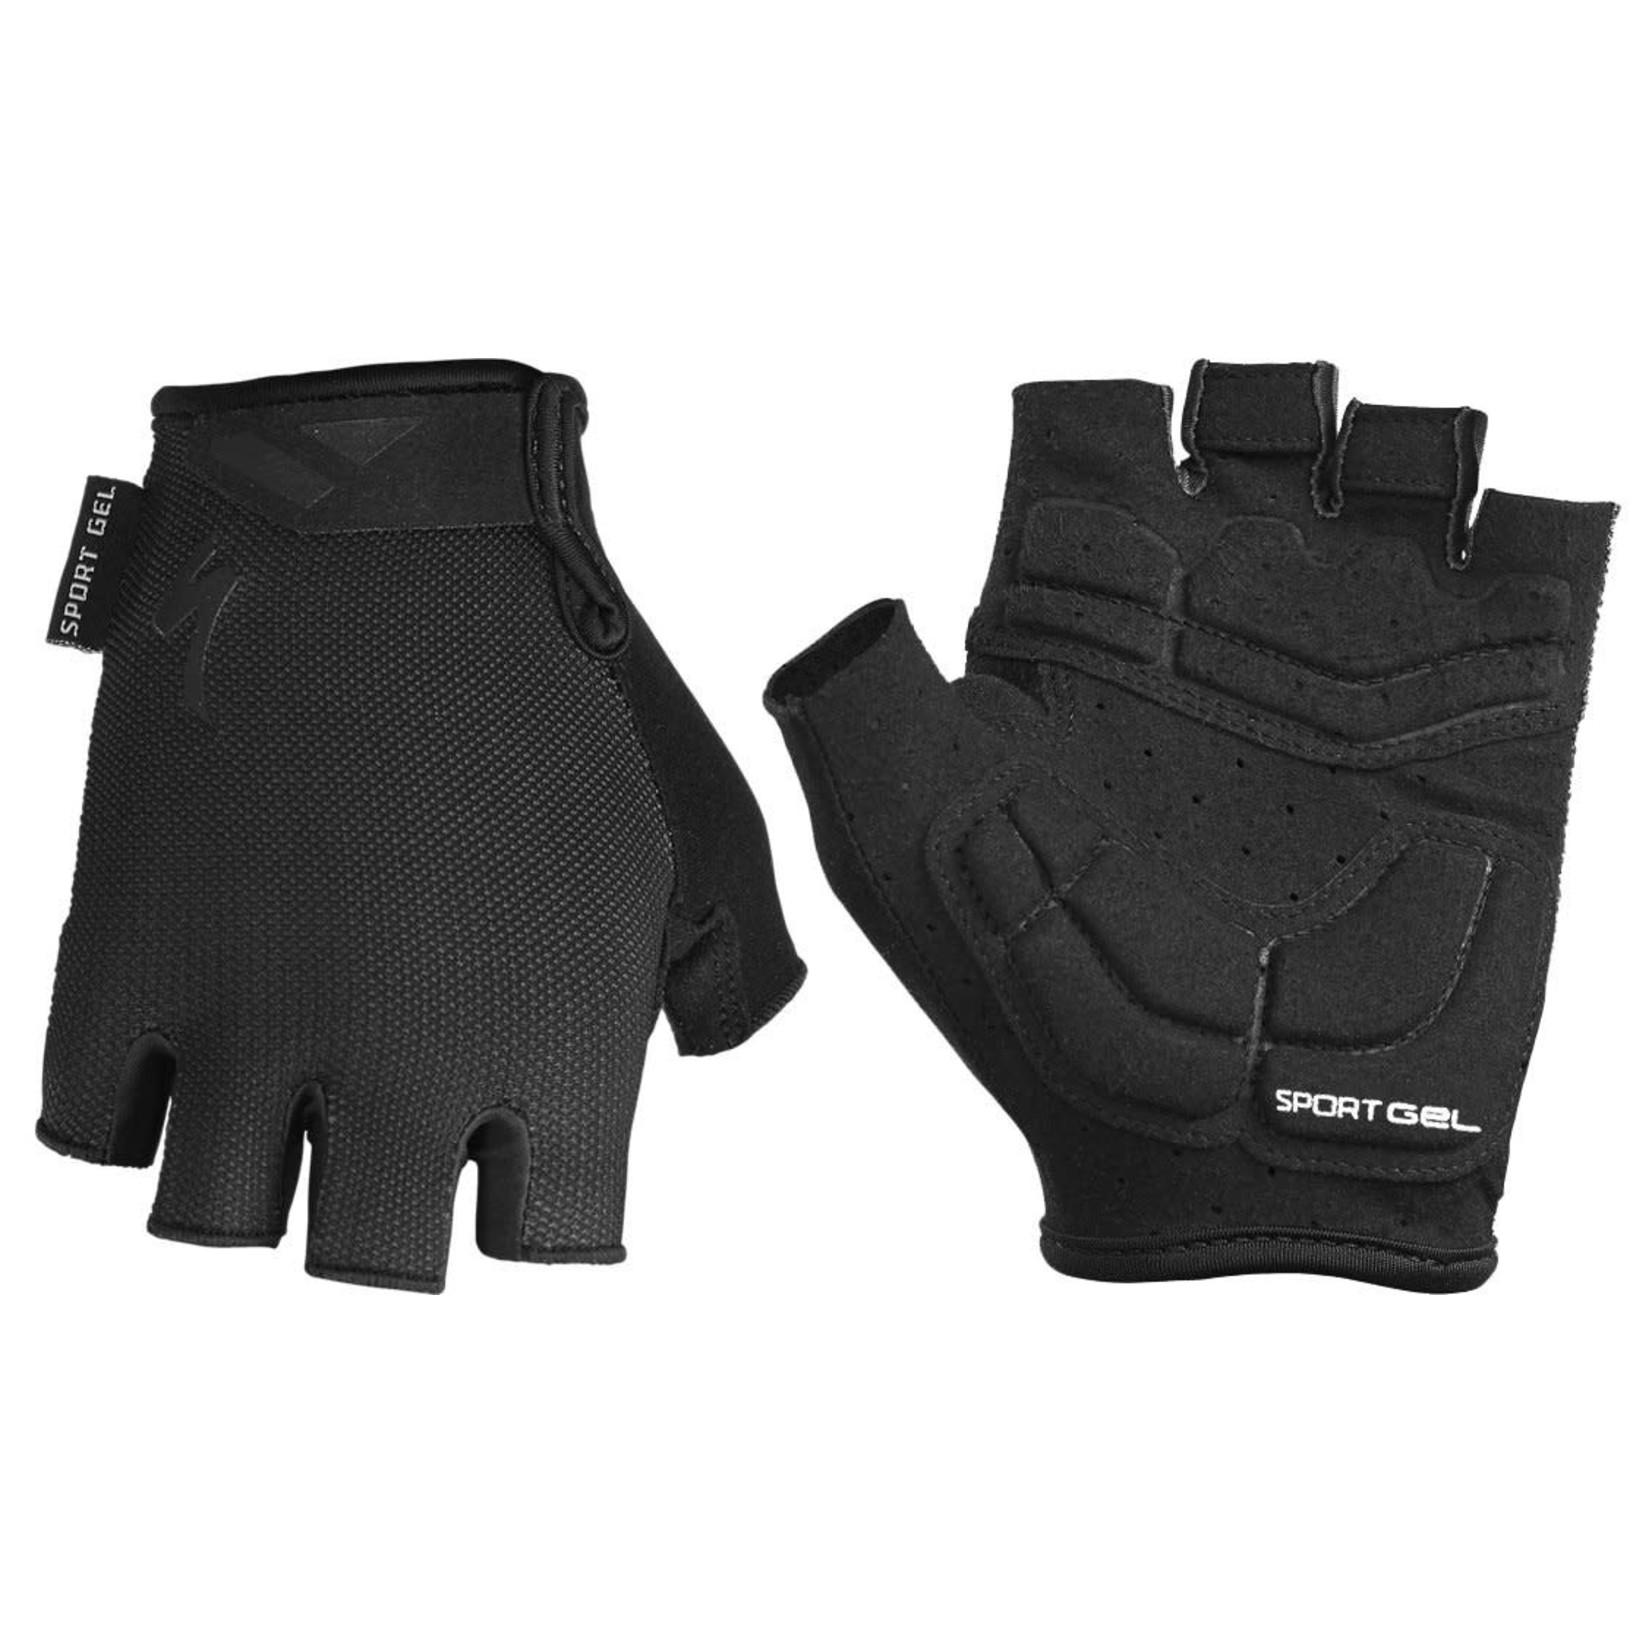 Specialized BG Sport Gel Short Finger Mens